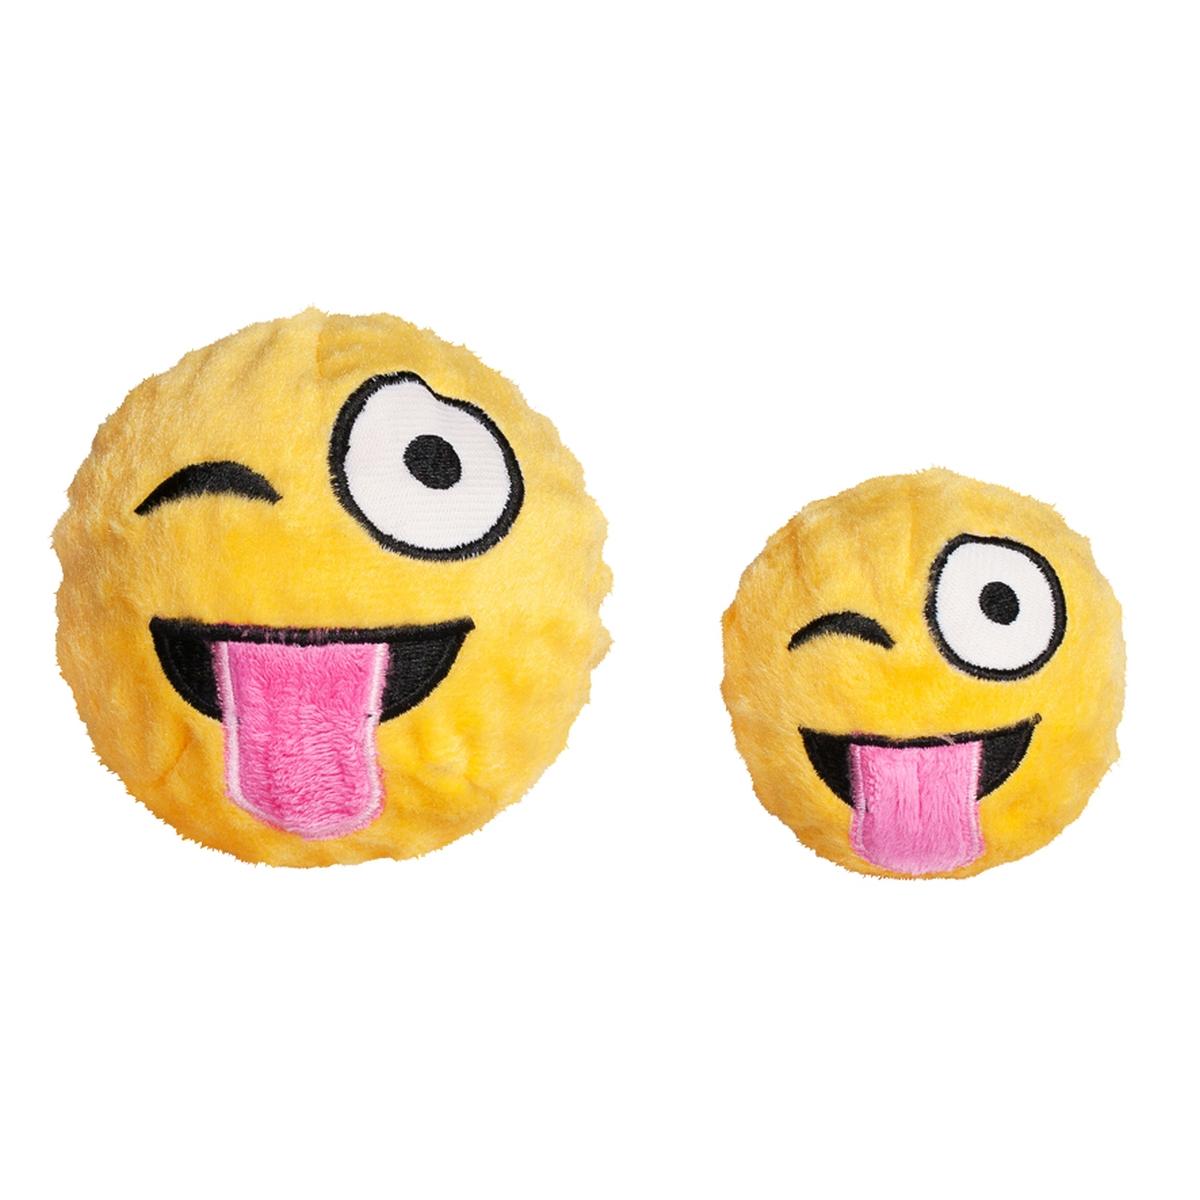 Wink emoji faball geel